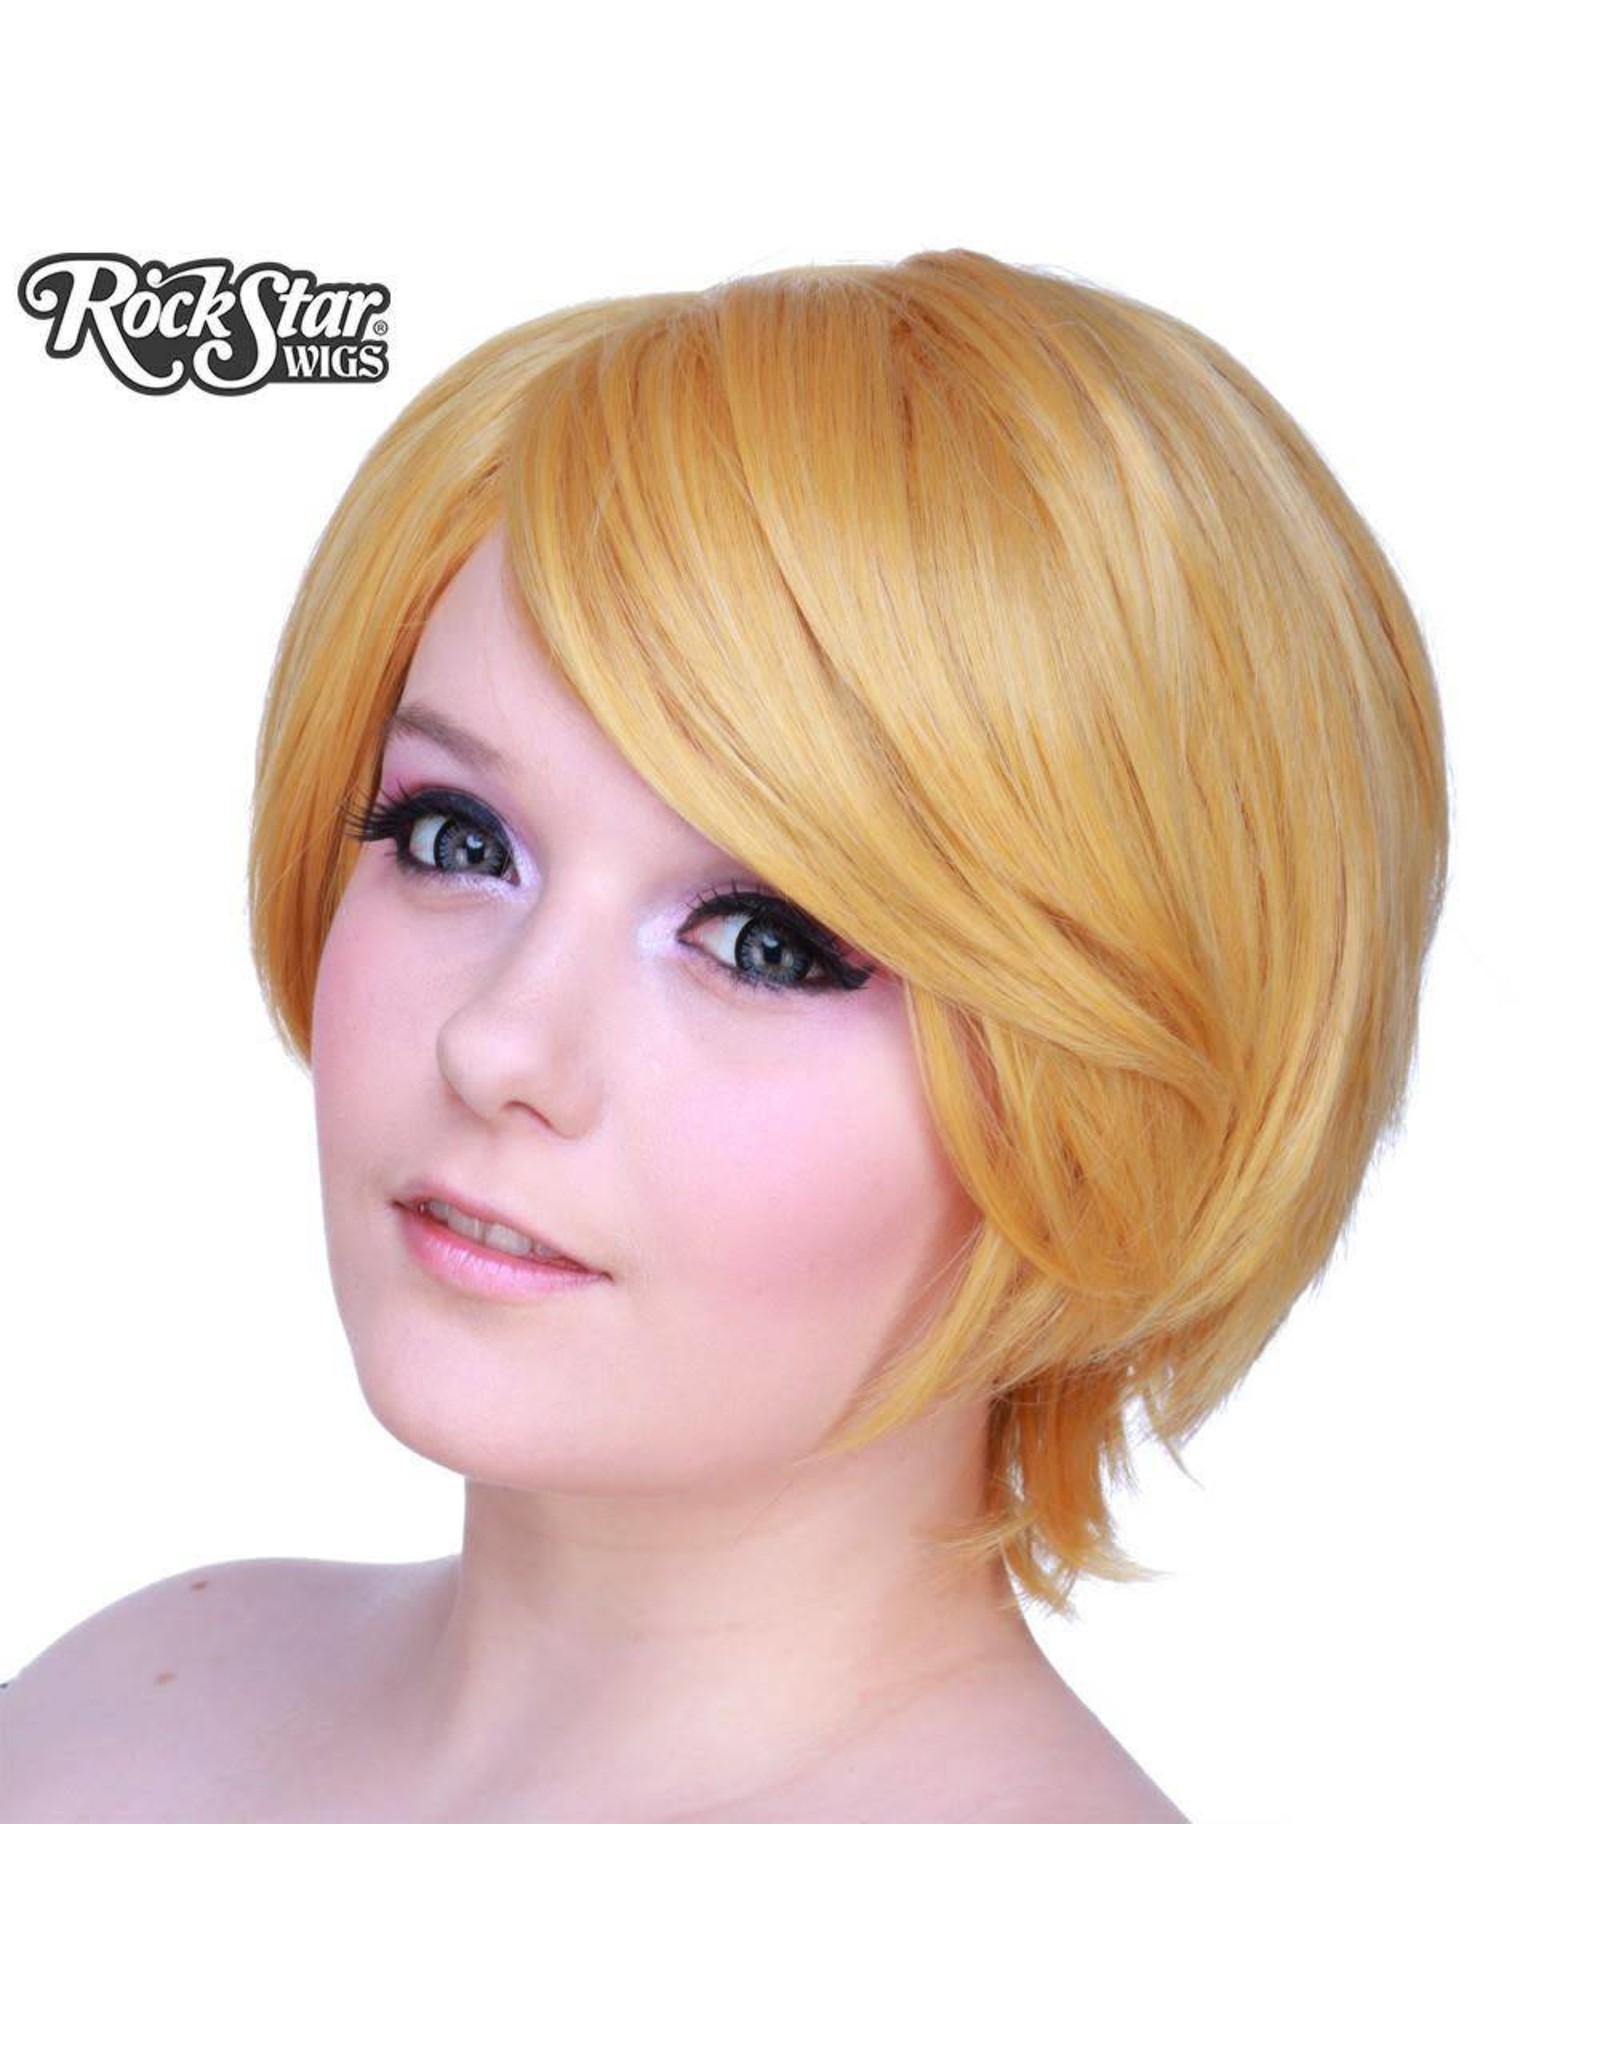 Rockstar Wigs Boy Cut Pale Blonde